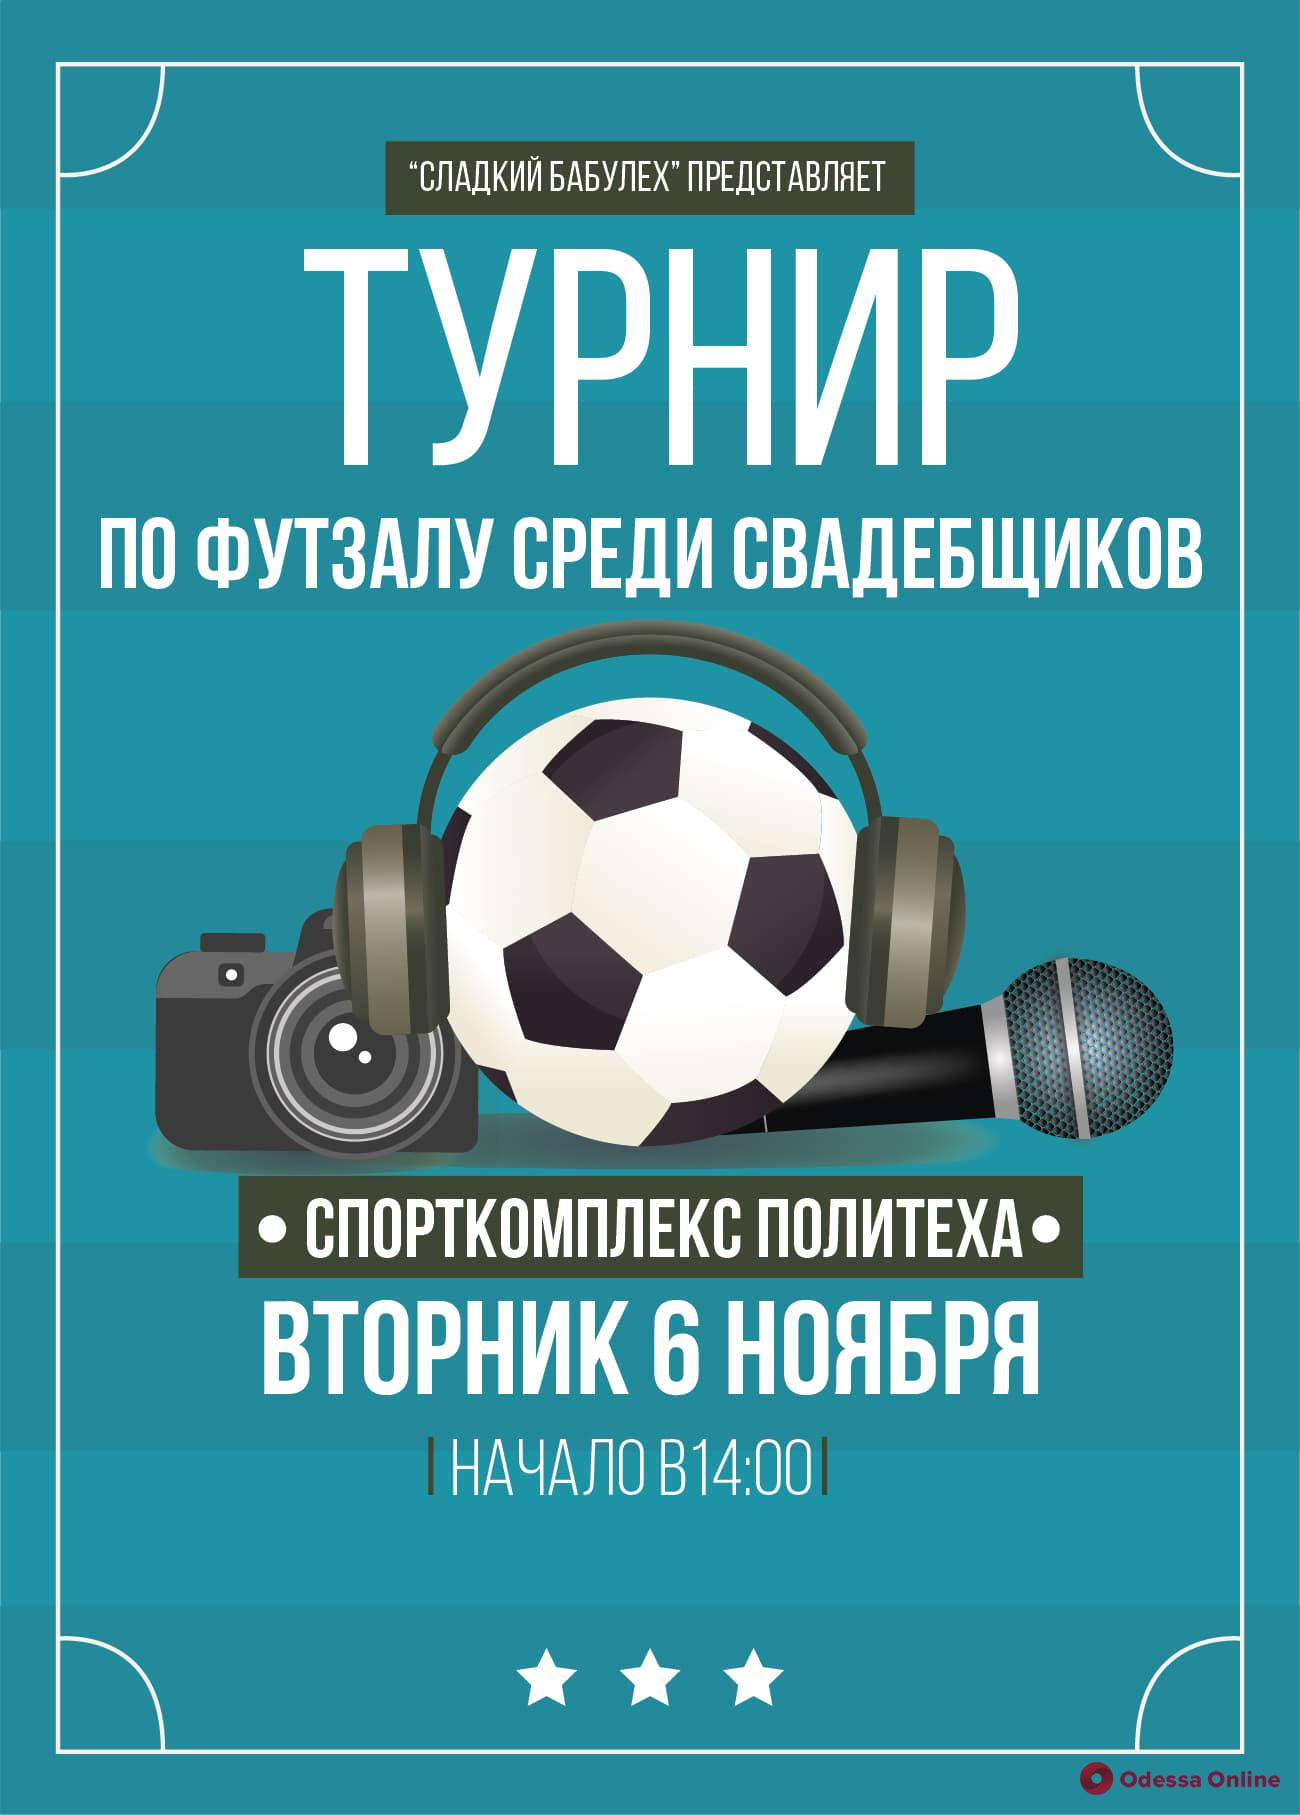 В Одессе пройдет любопытный турнир по футзалу среди «свадебщиков»